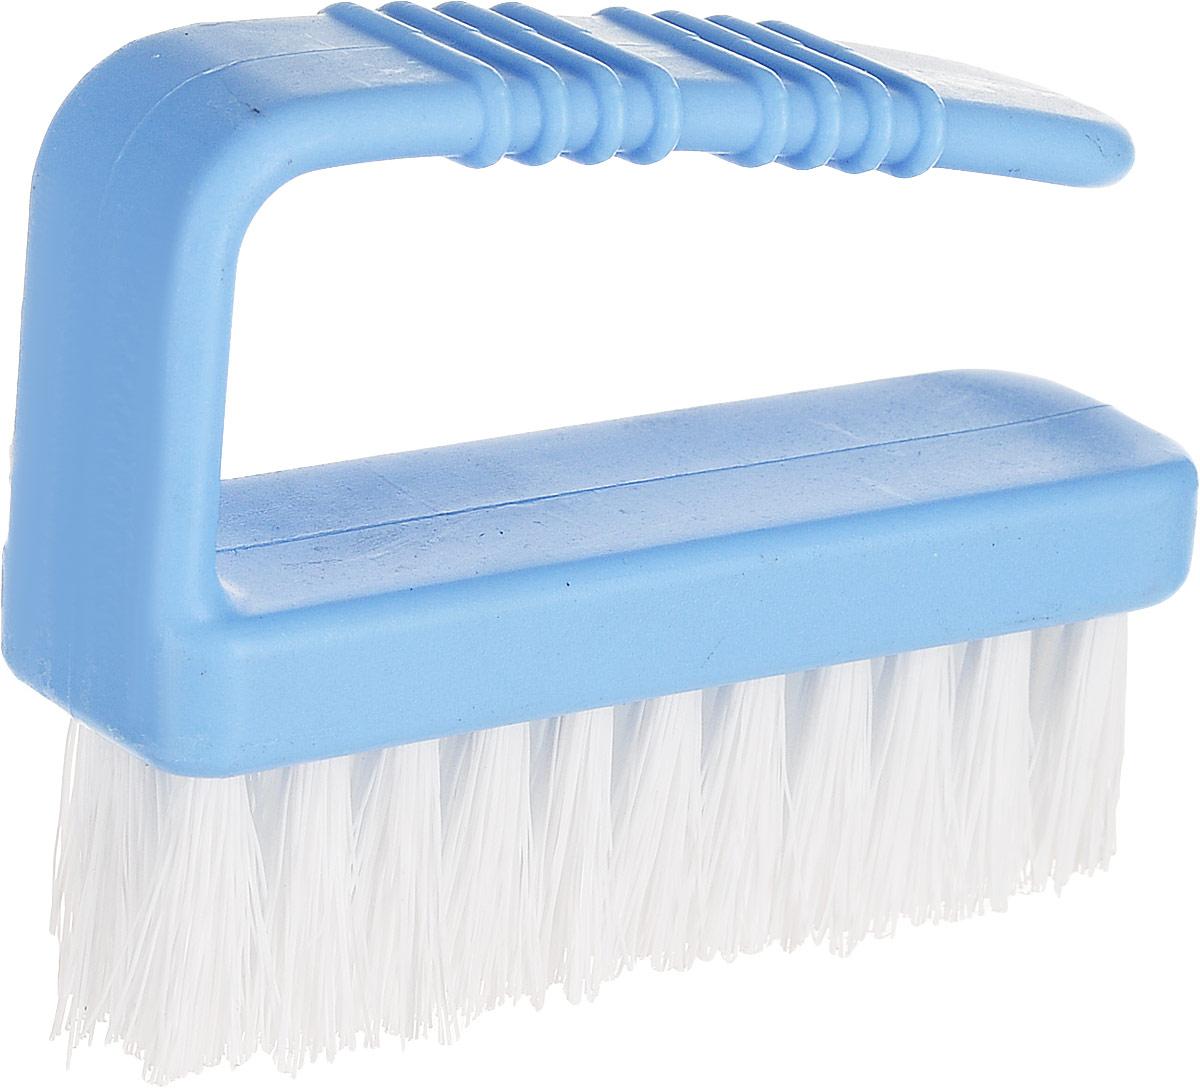 Щетка для рук Альтернатива, цвет: голубой комплект для уборки альтернатива комфорт жесткая щетина цвет синий 2 предмета